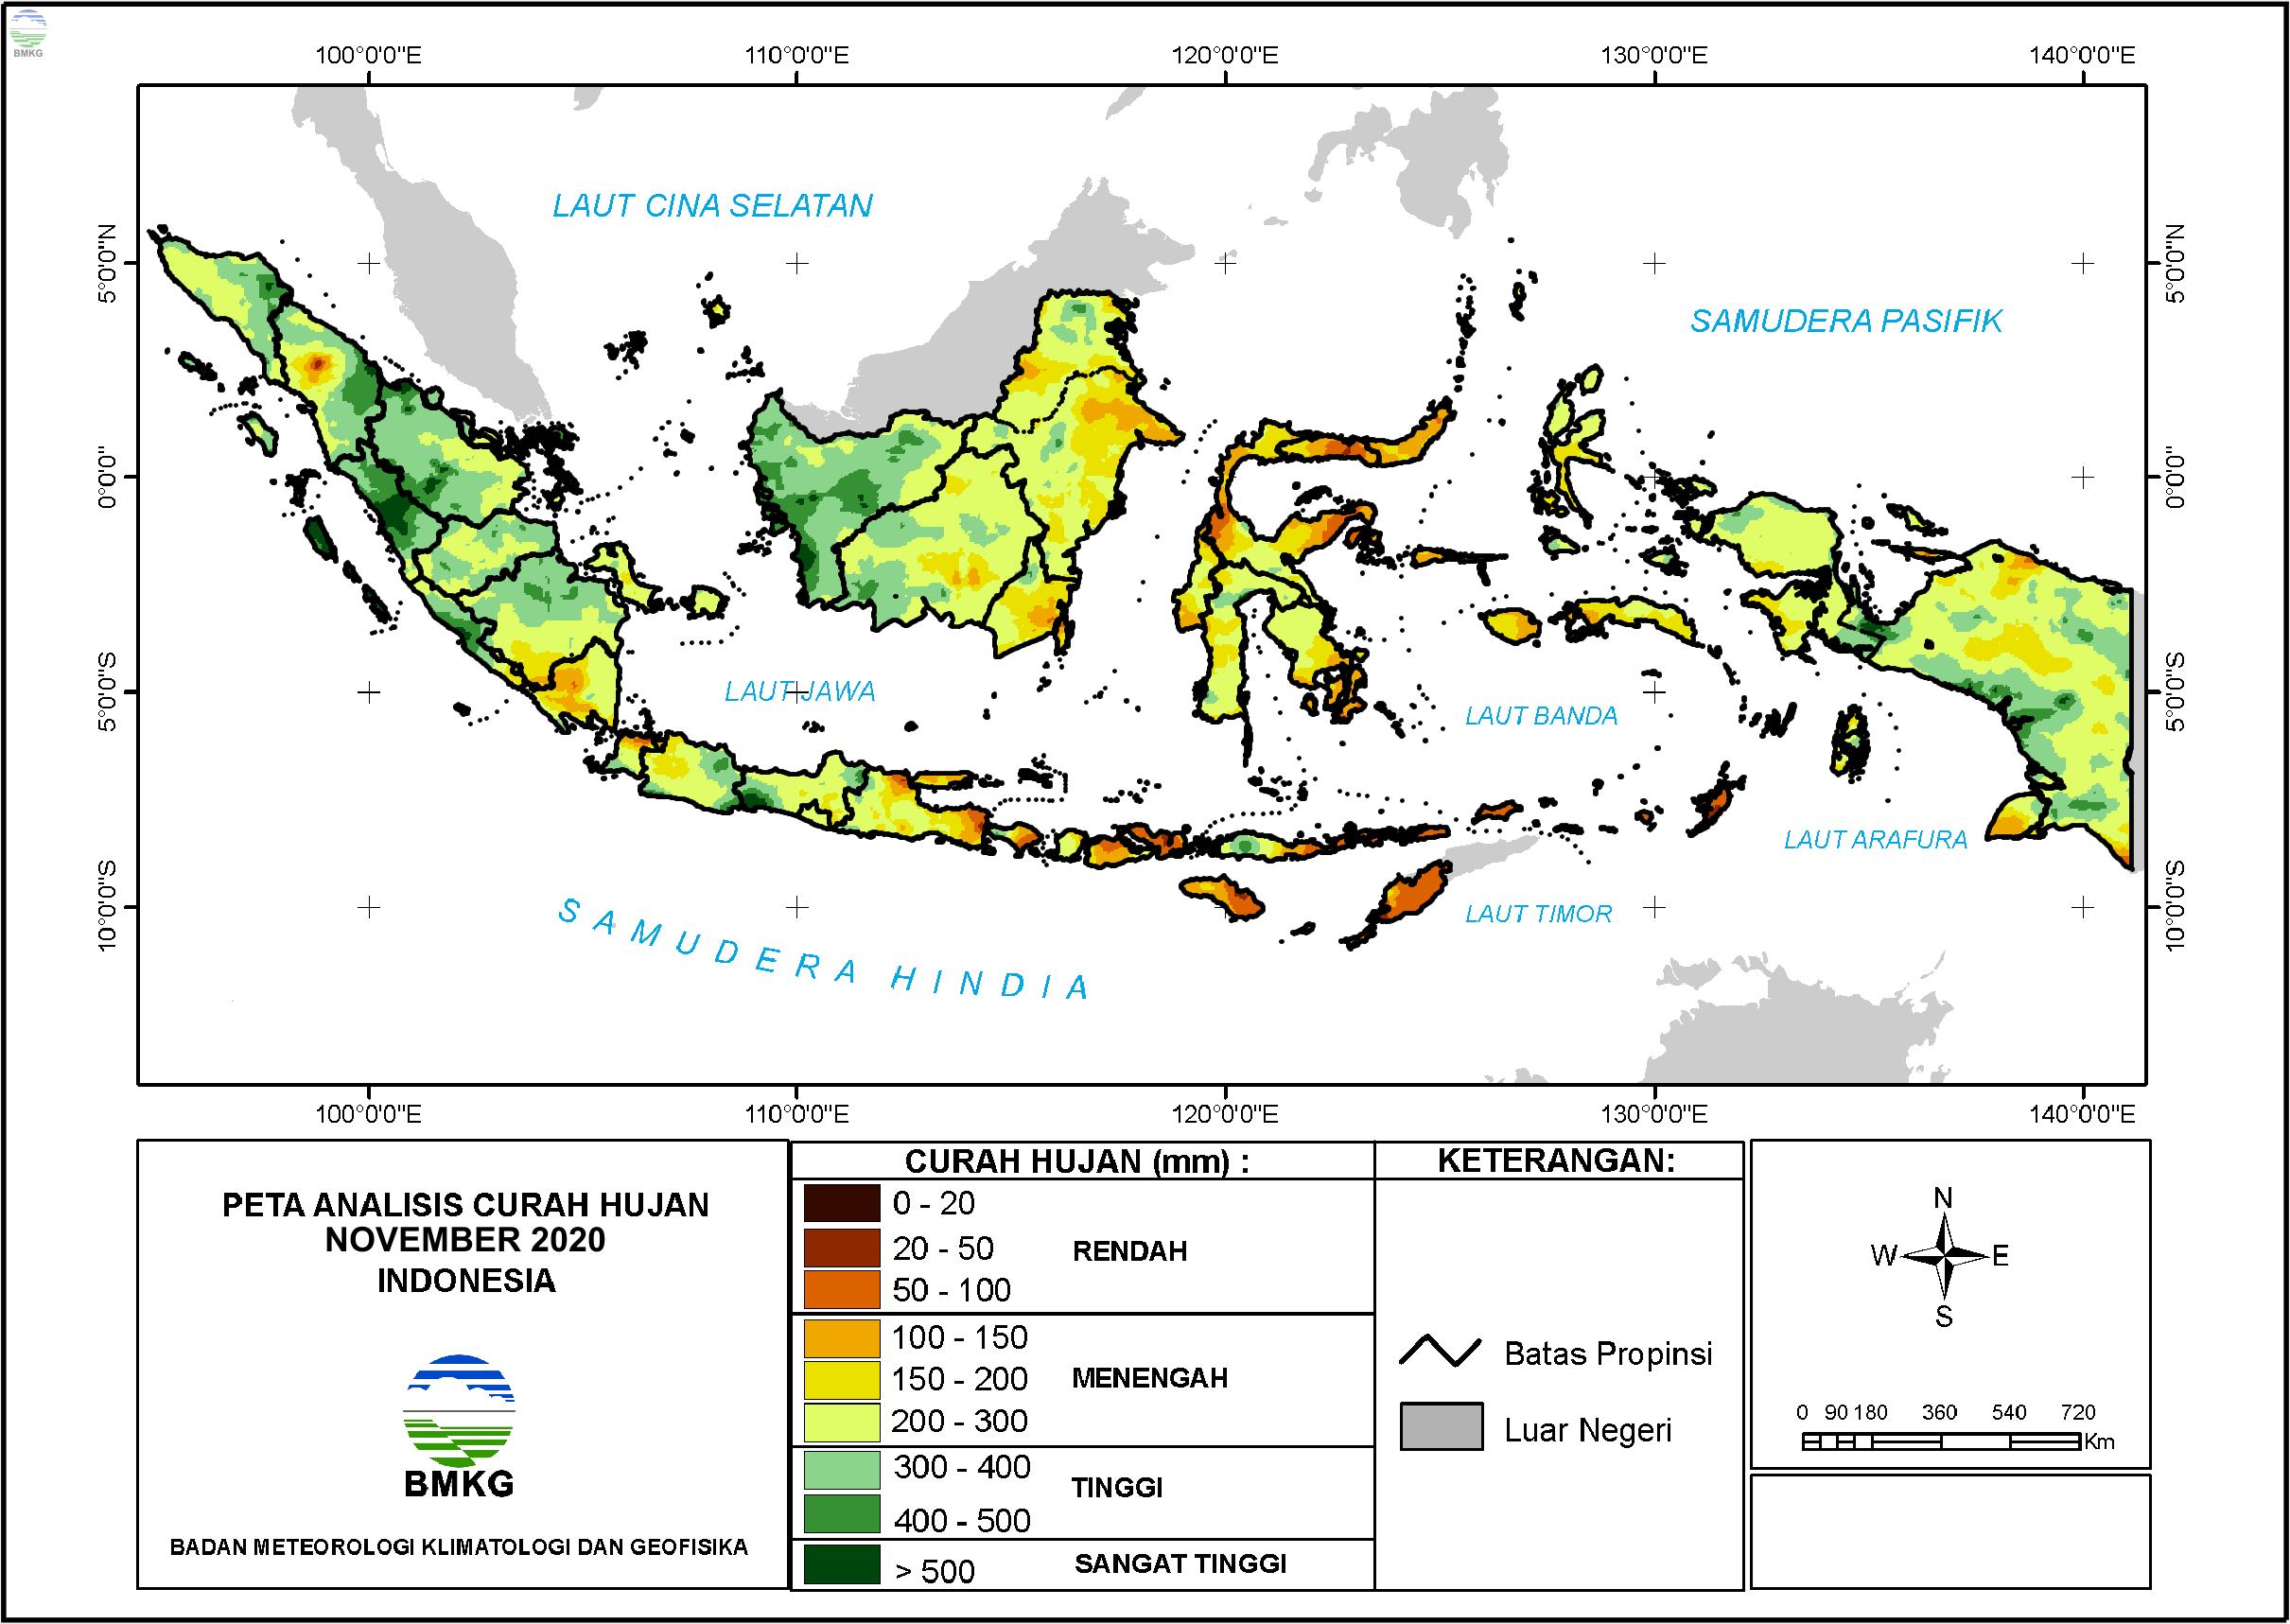 Analisis Curah Hujan dan Sifat Hujan November 2020